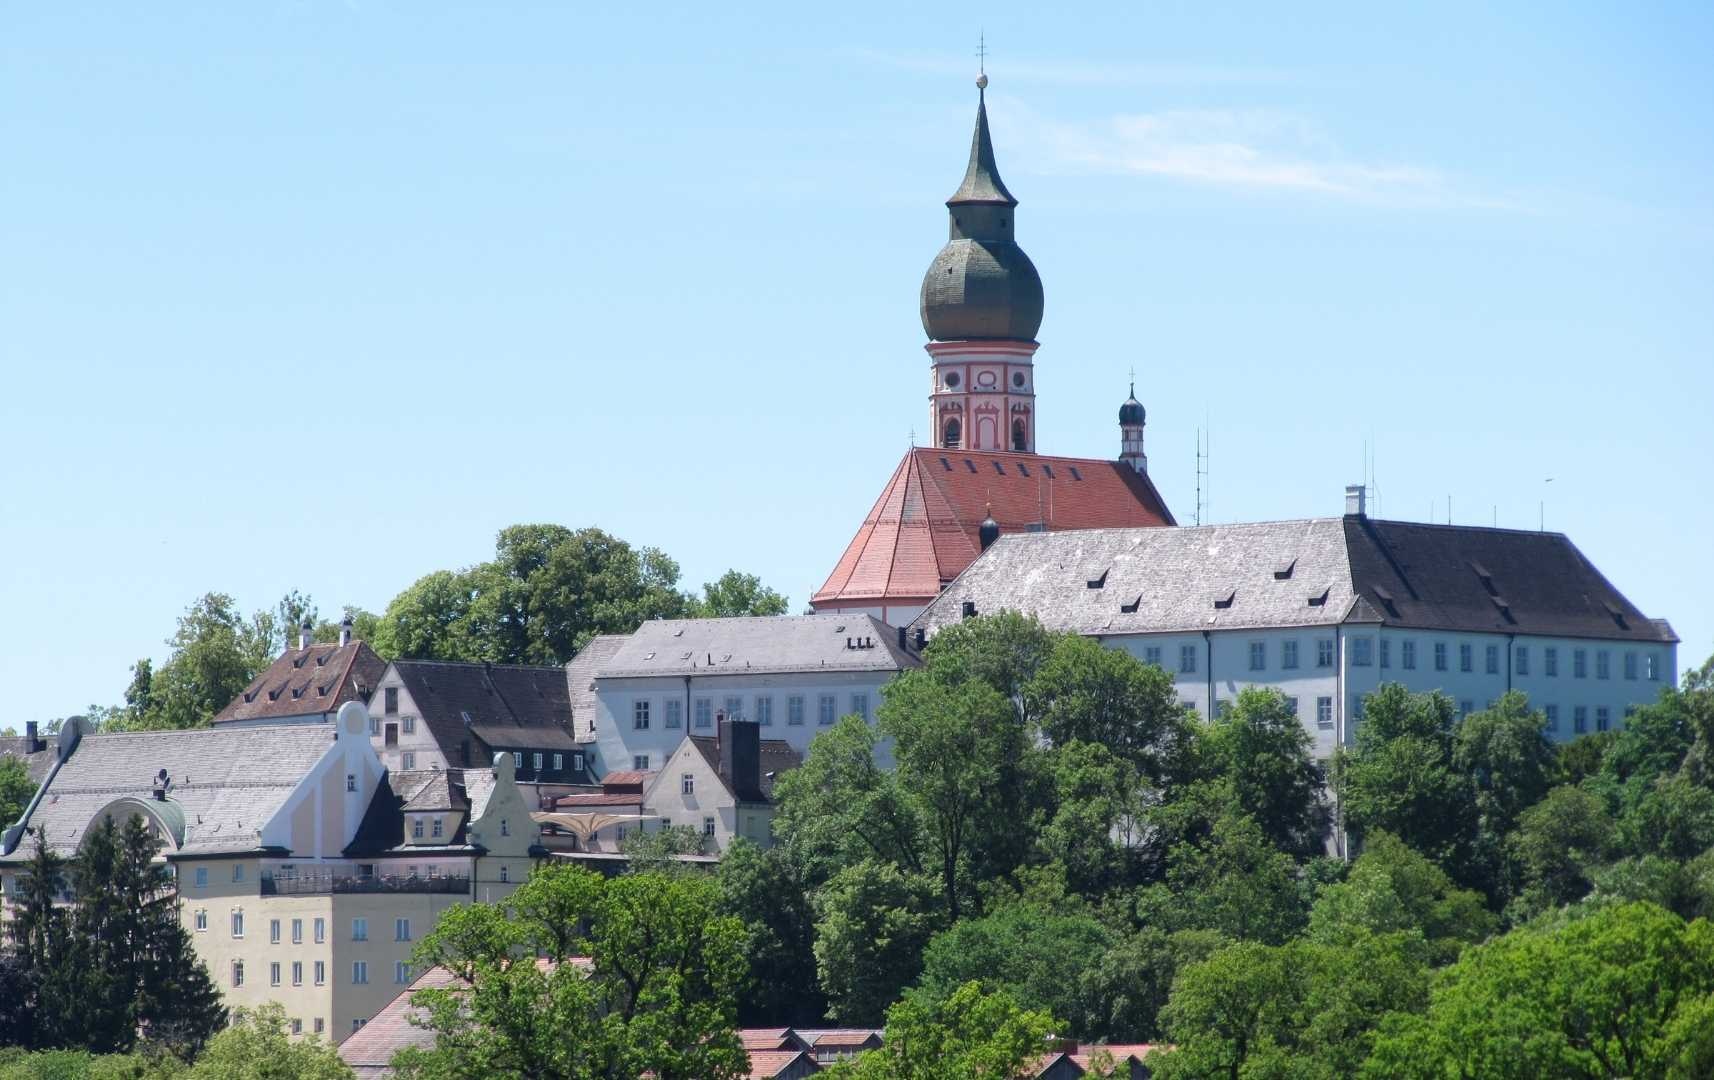 Kloster Andechs - Urlaub in Bayern